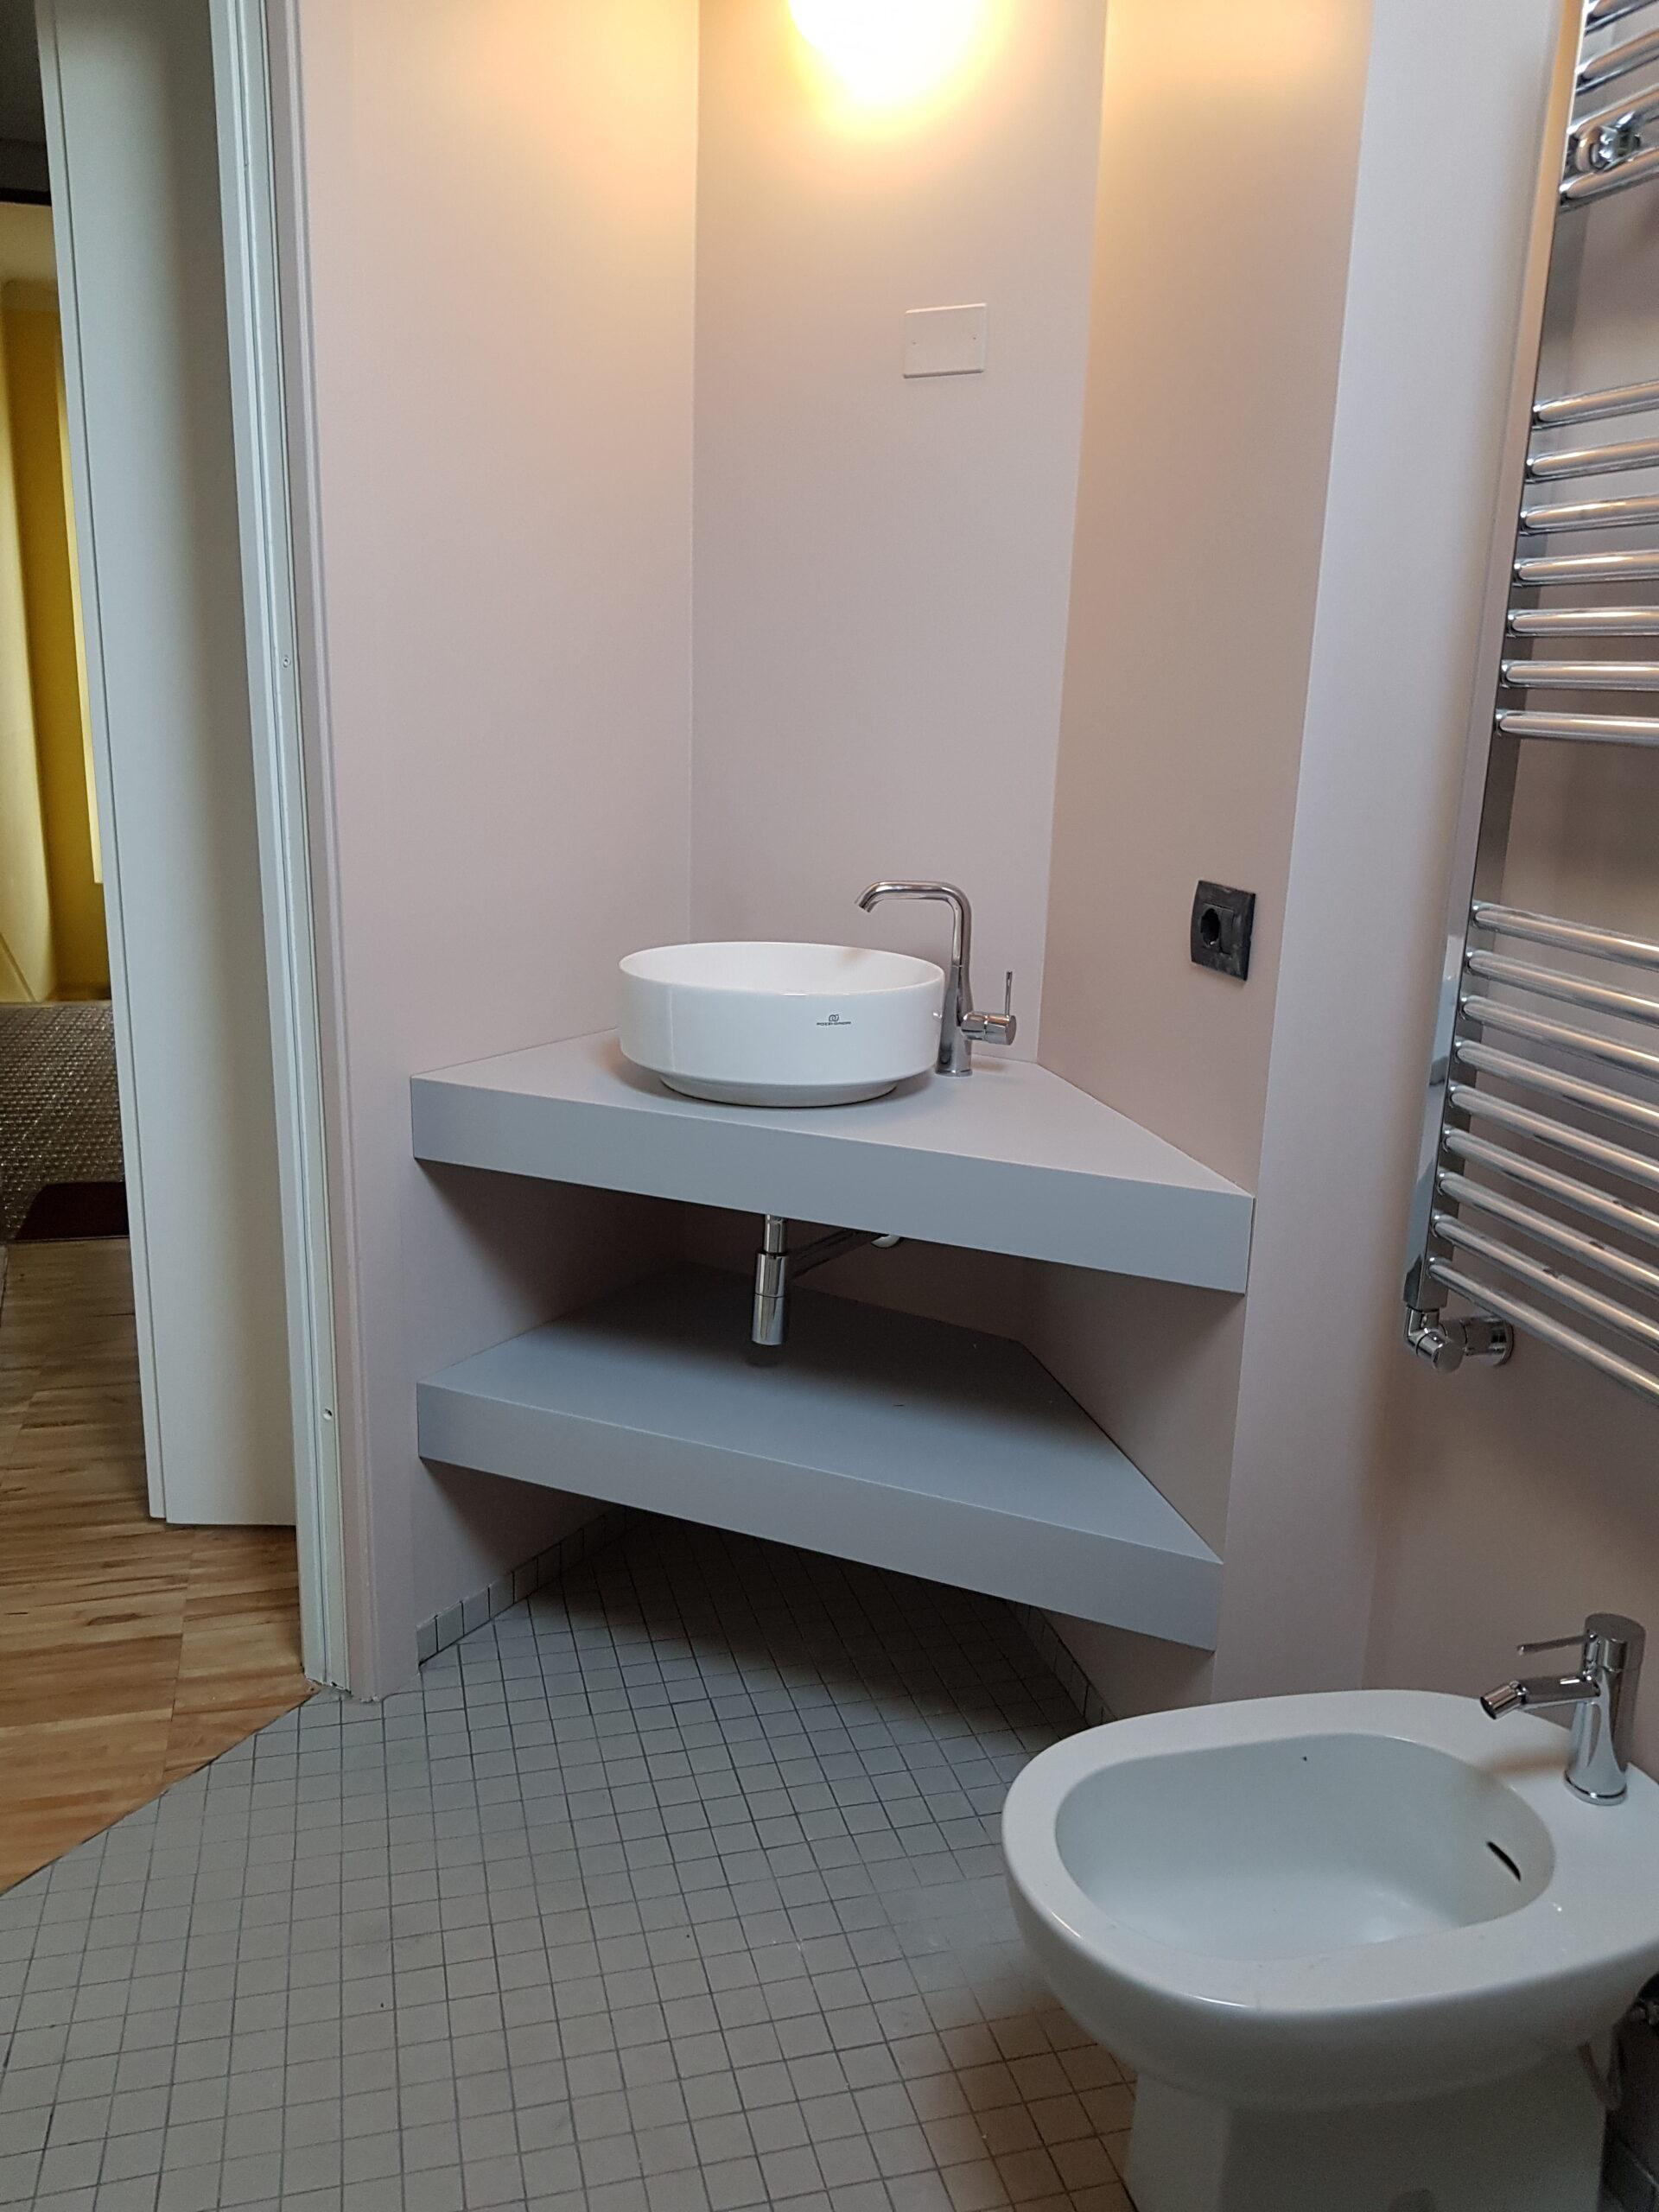 2. Particolare lavabo angolare, bagno con pavimento piastrelle ceramiche a quadri, scaldasalviette in asse con il sanitario, bidet a filo parete: lavori in corso.